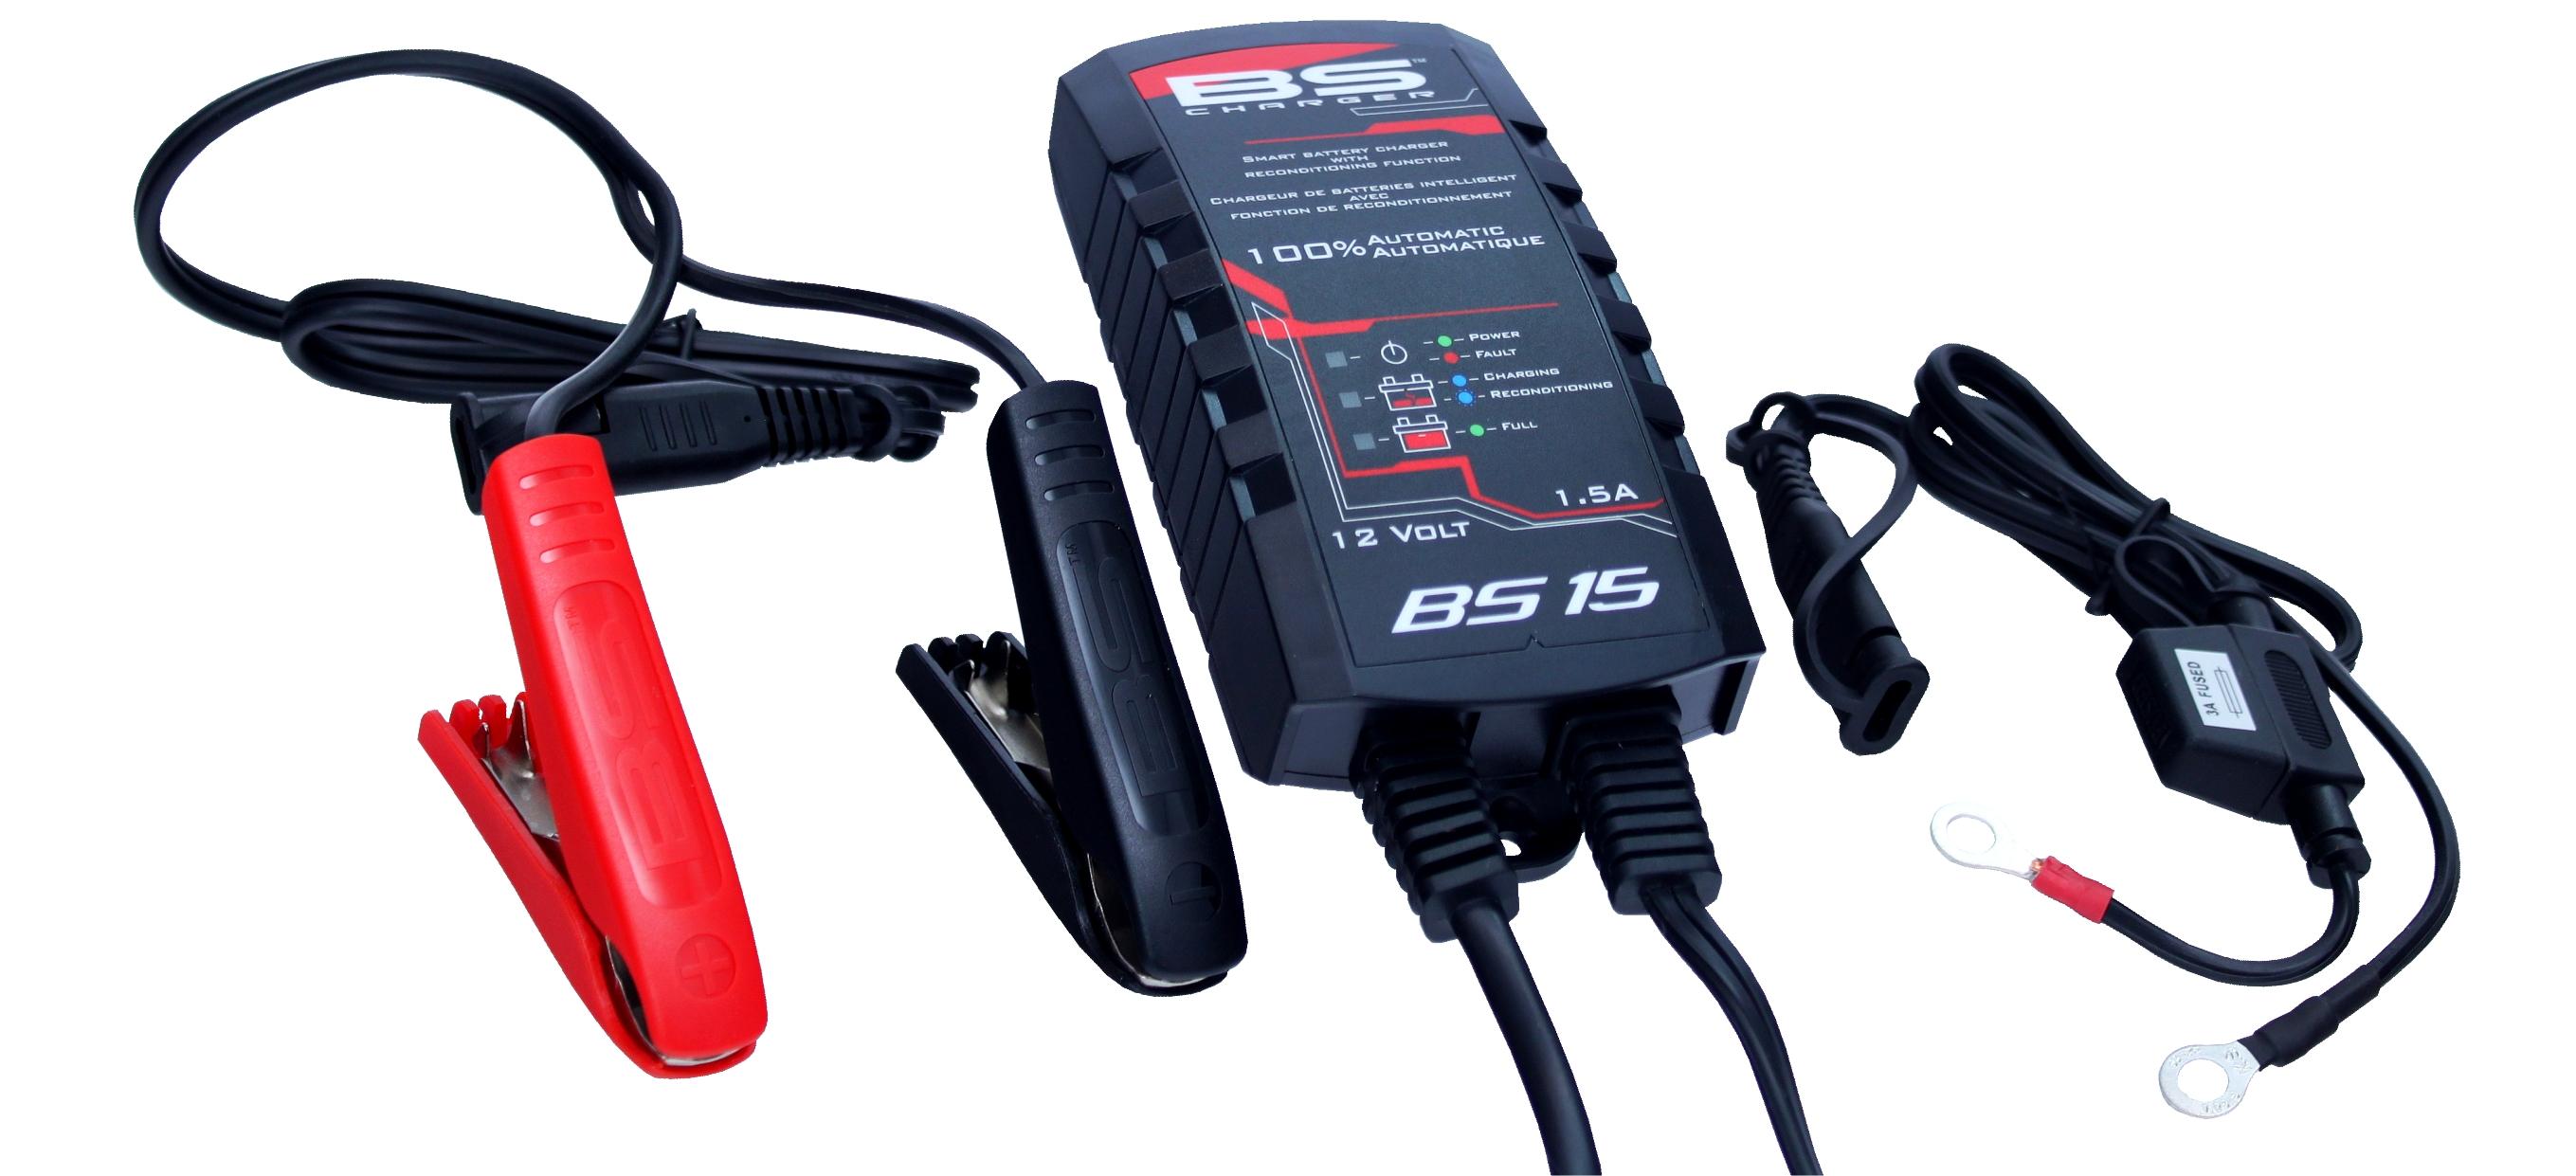 BS Ladegerät BS15 12V 1,5A